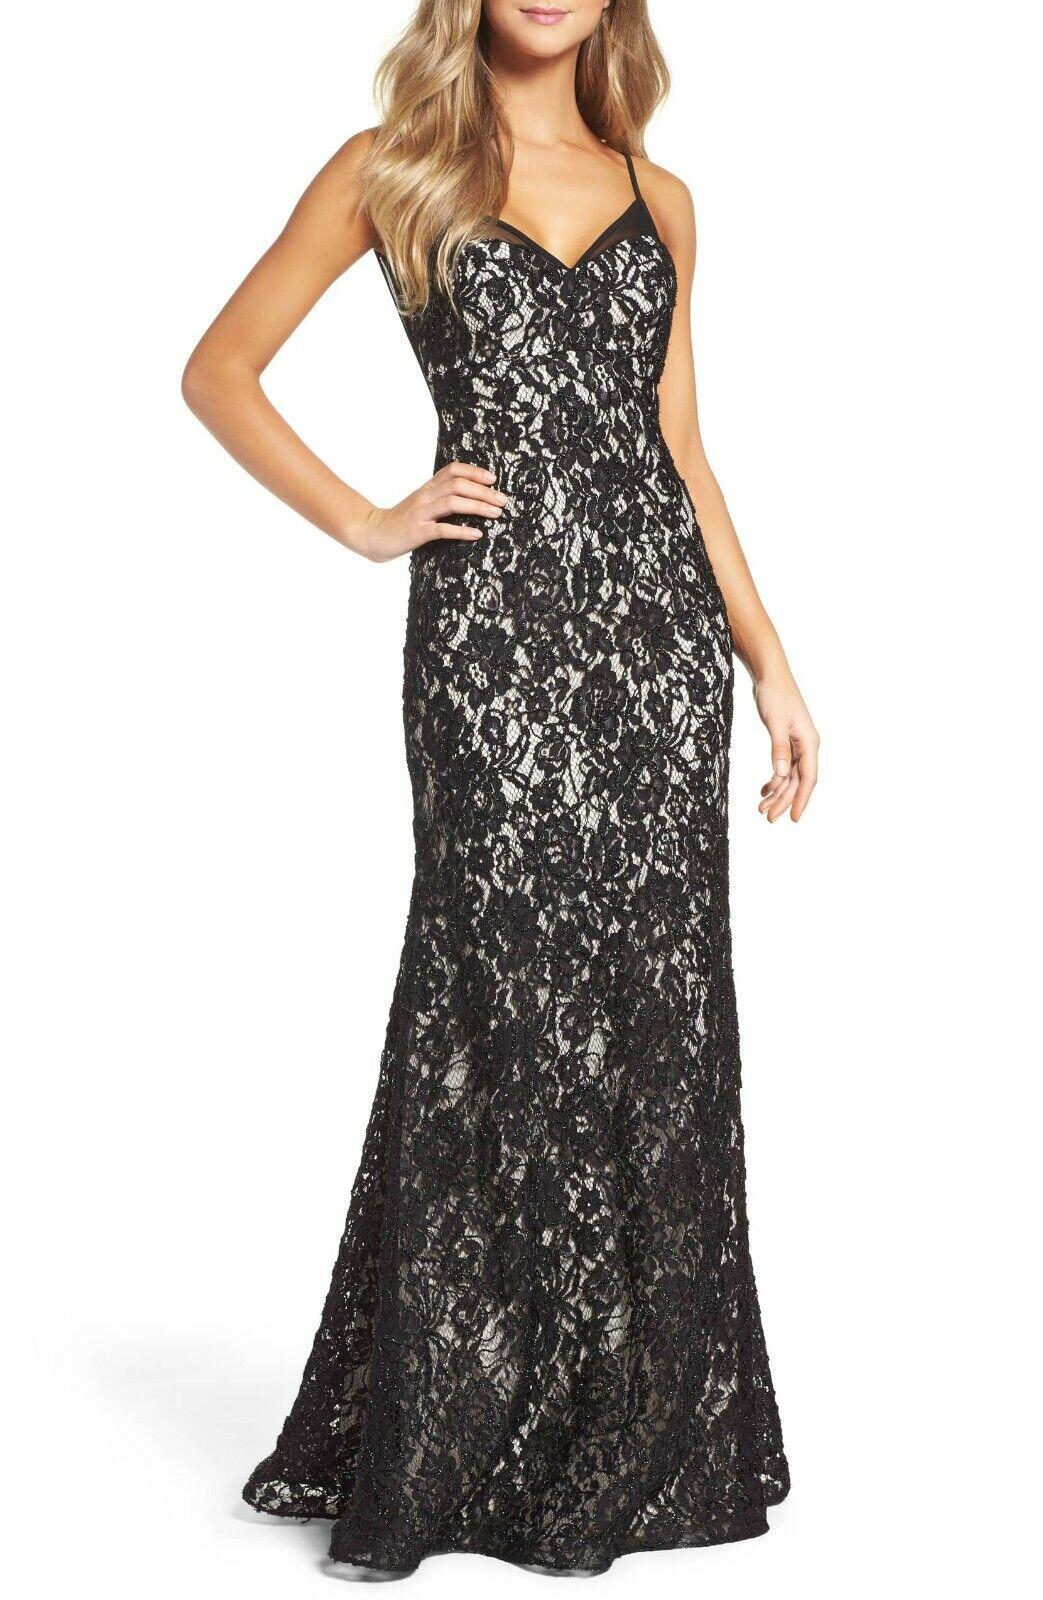 Vestido de noche  desnudo Negro magnífico Encaje Slipdress XSCAPE talla 2 Nuevo Con Etiquetas  278  contador genuino